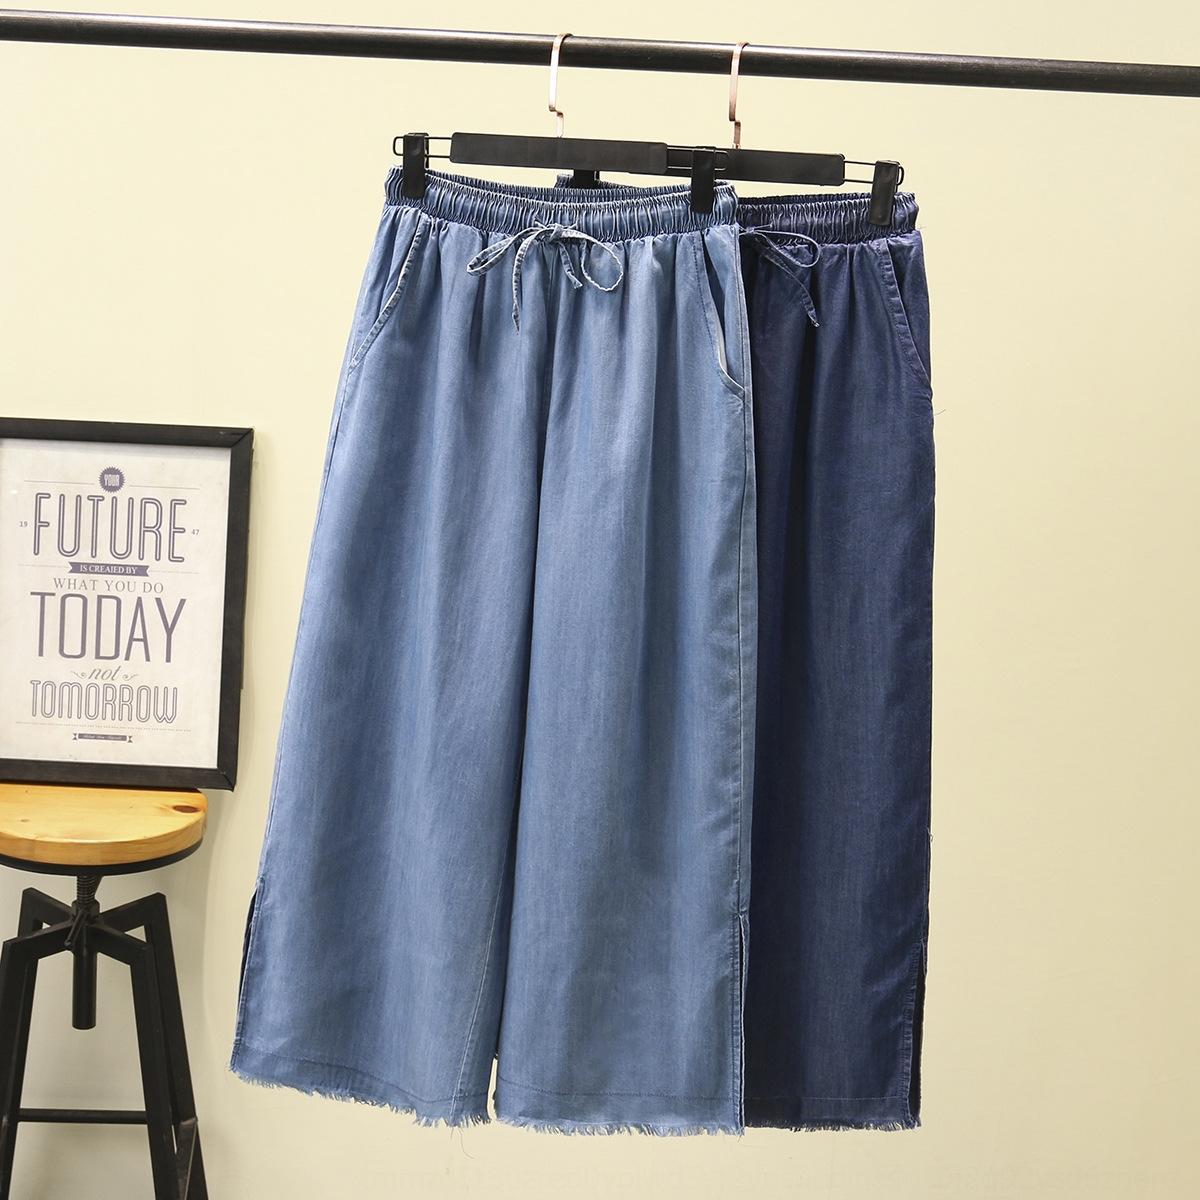 Além disso plus size Jeans calças perna larga 200 jin gordura roupas de gordura de roupas finas calças de brim tencel das mulheres das mulheres perna larga calças maré 8306